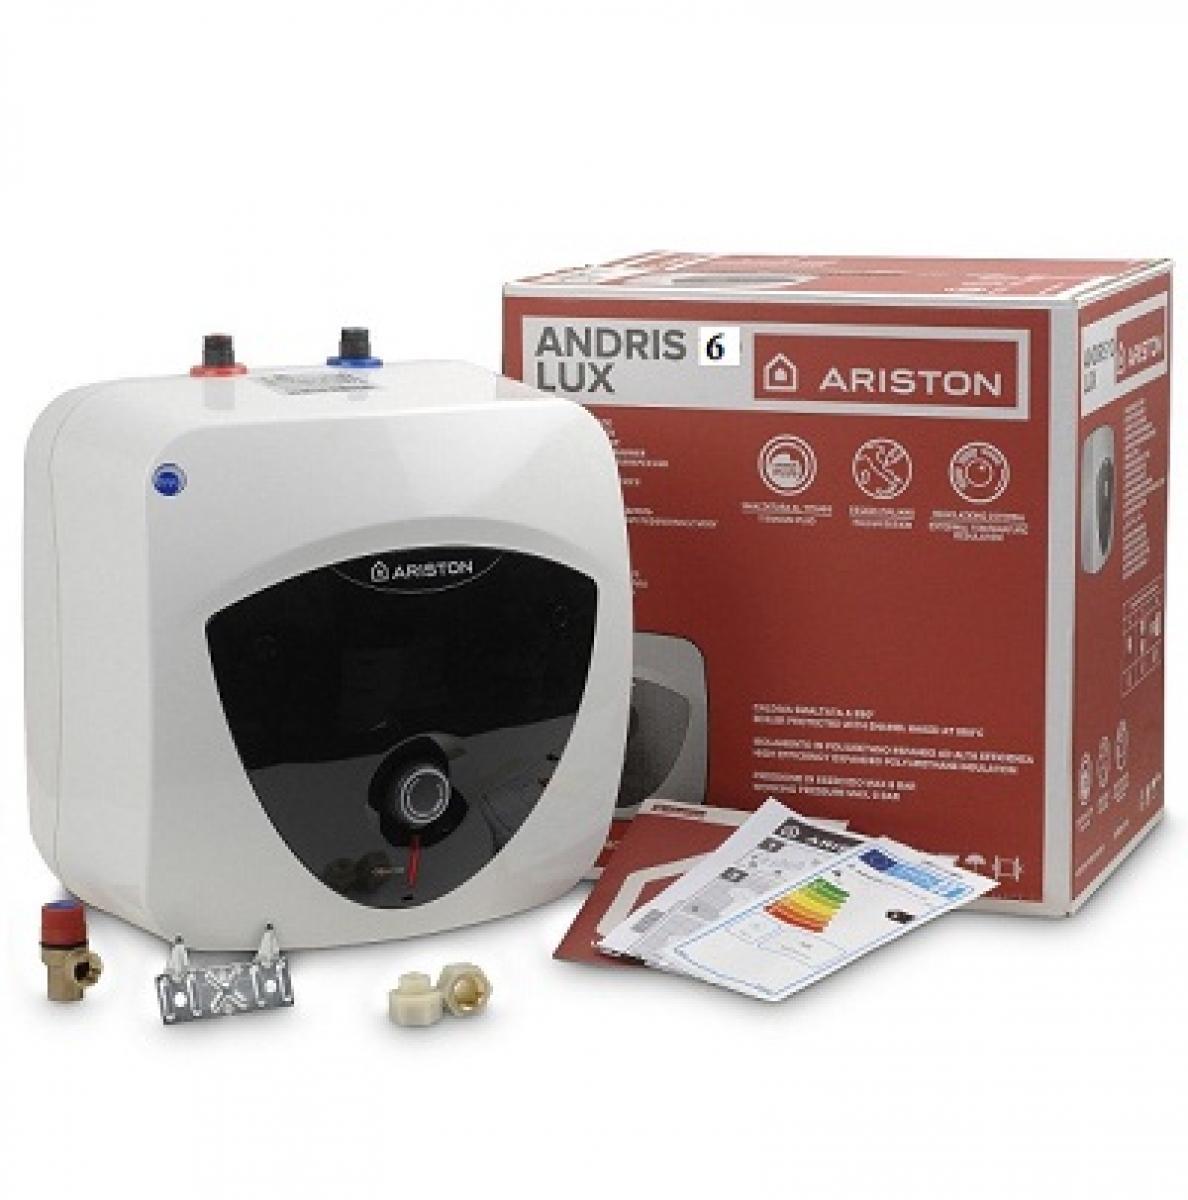 Bảng giá Bình nóng lạnh 6 Lít Ariston Adris Lux AN6LUX BE 1.5 FE ( lắp tủ bếp dưới)